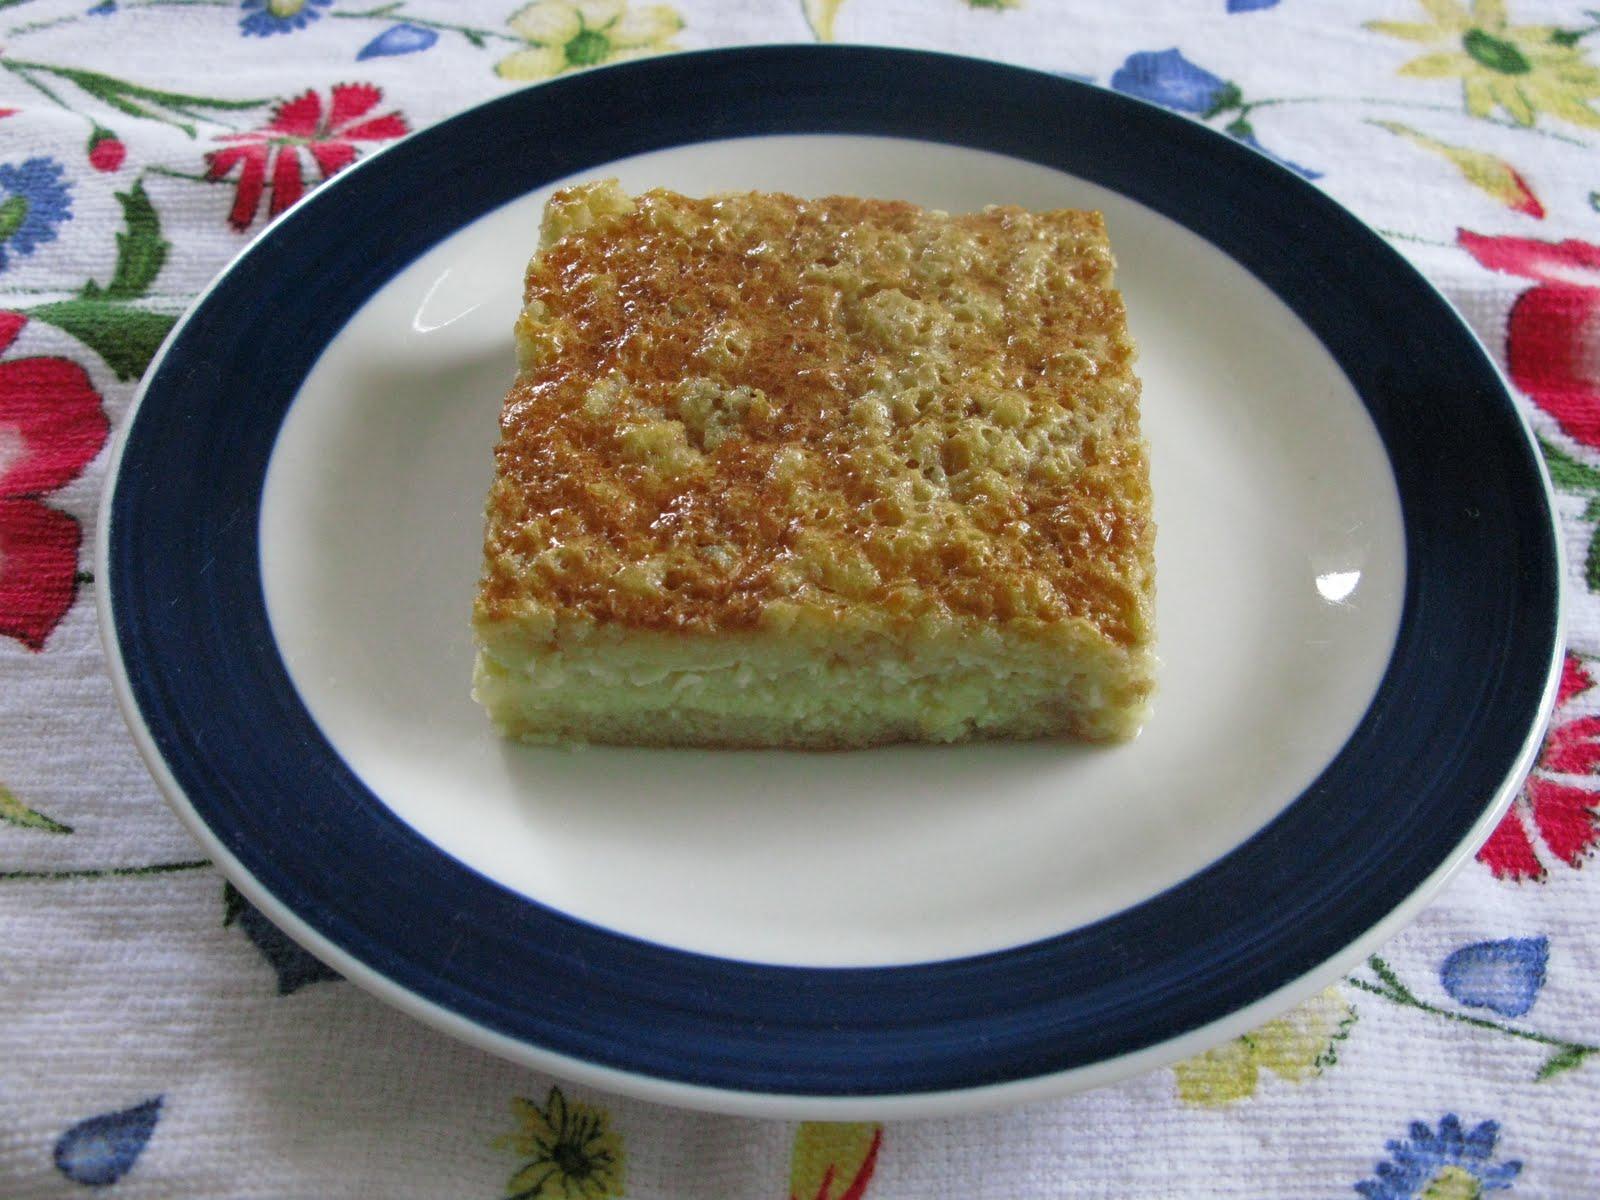 http://3.bp.blogspot.com/_Qvwx8oiE_aE/TQQs1cJxUkI/AAAAAAAACYY/9Xu68c3FW7E/s1600/torta-melosa.JPG